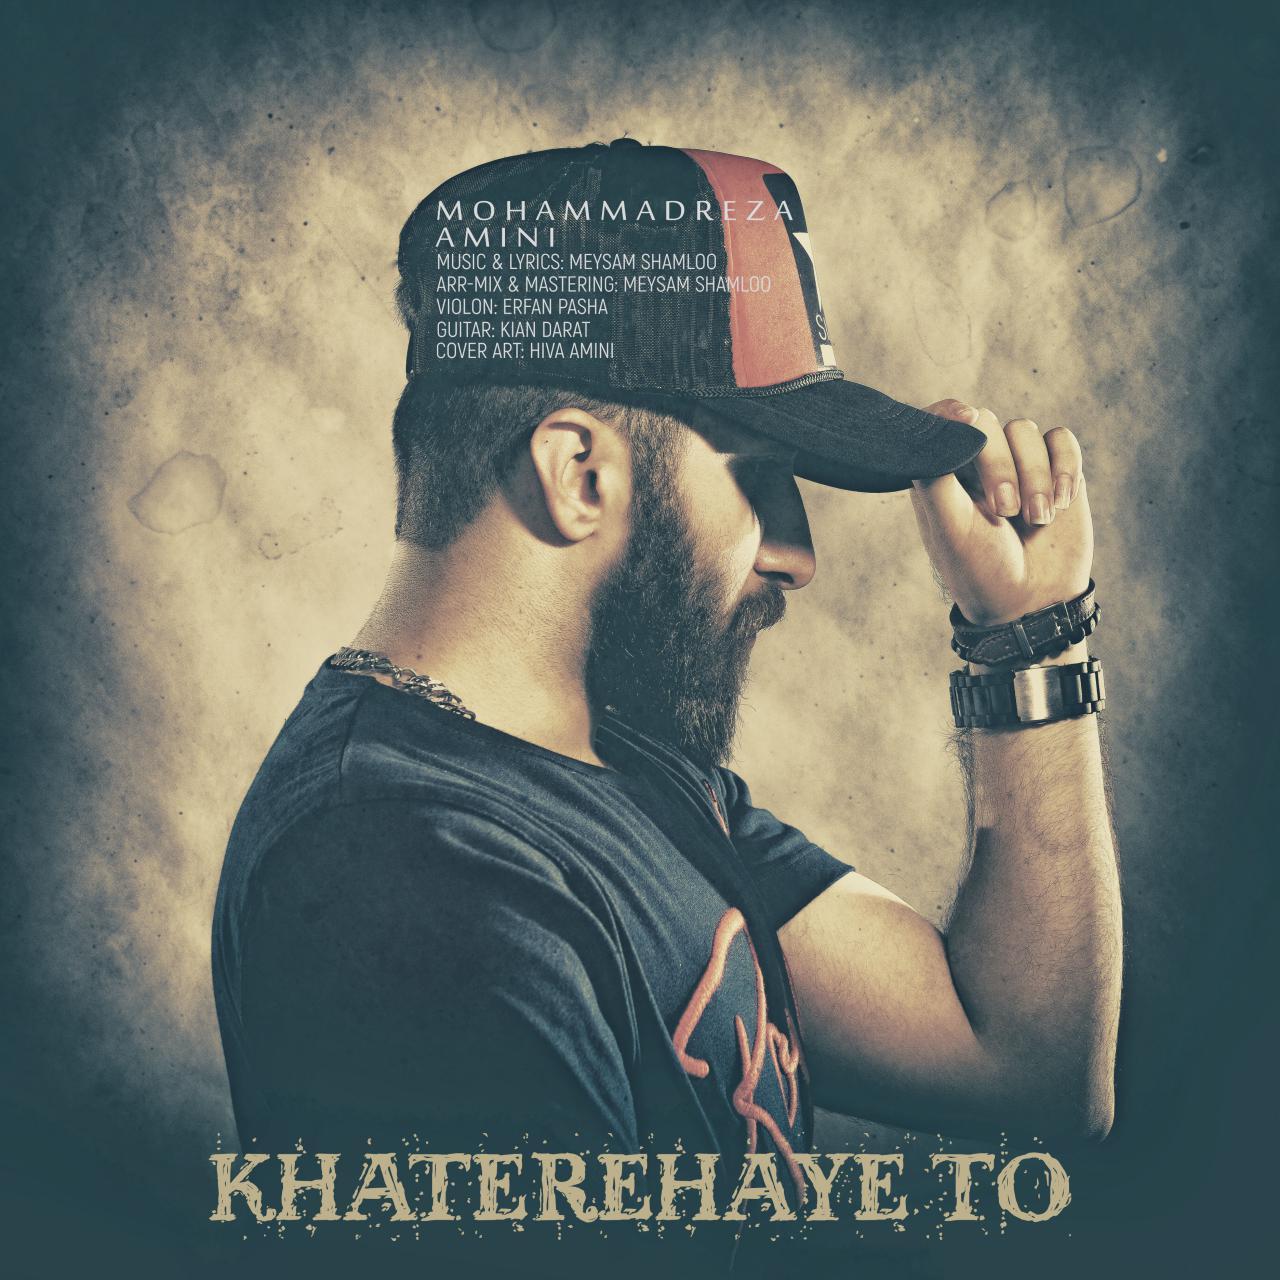 Mohammadreza Amini – Khaterehaye To